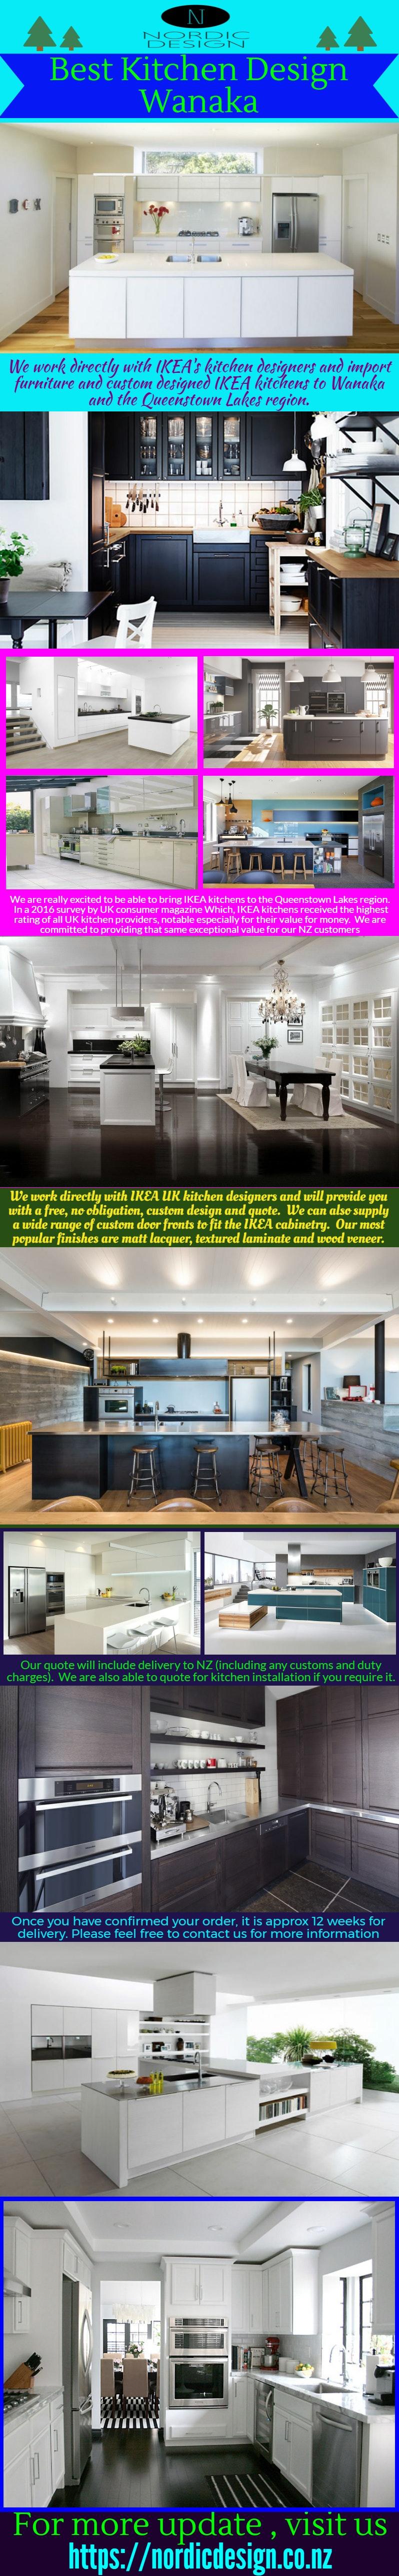 Nett Ikea Küchen Design Uk Fotos - Küche Set Ideen - deriherusweets.info